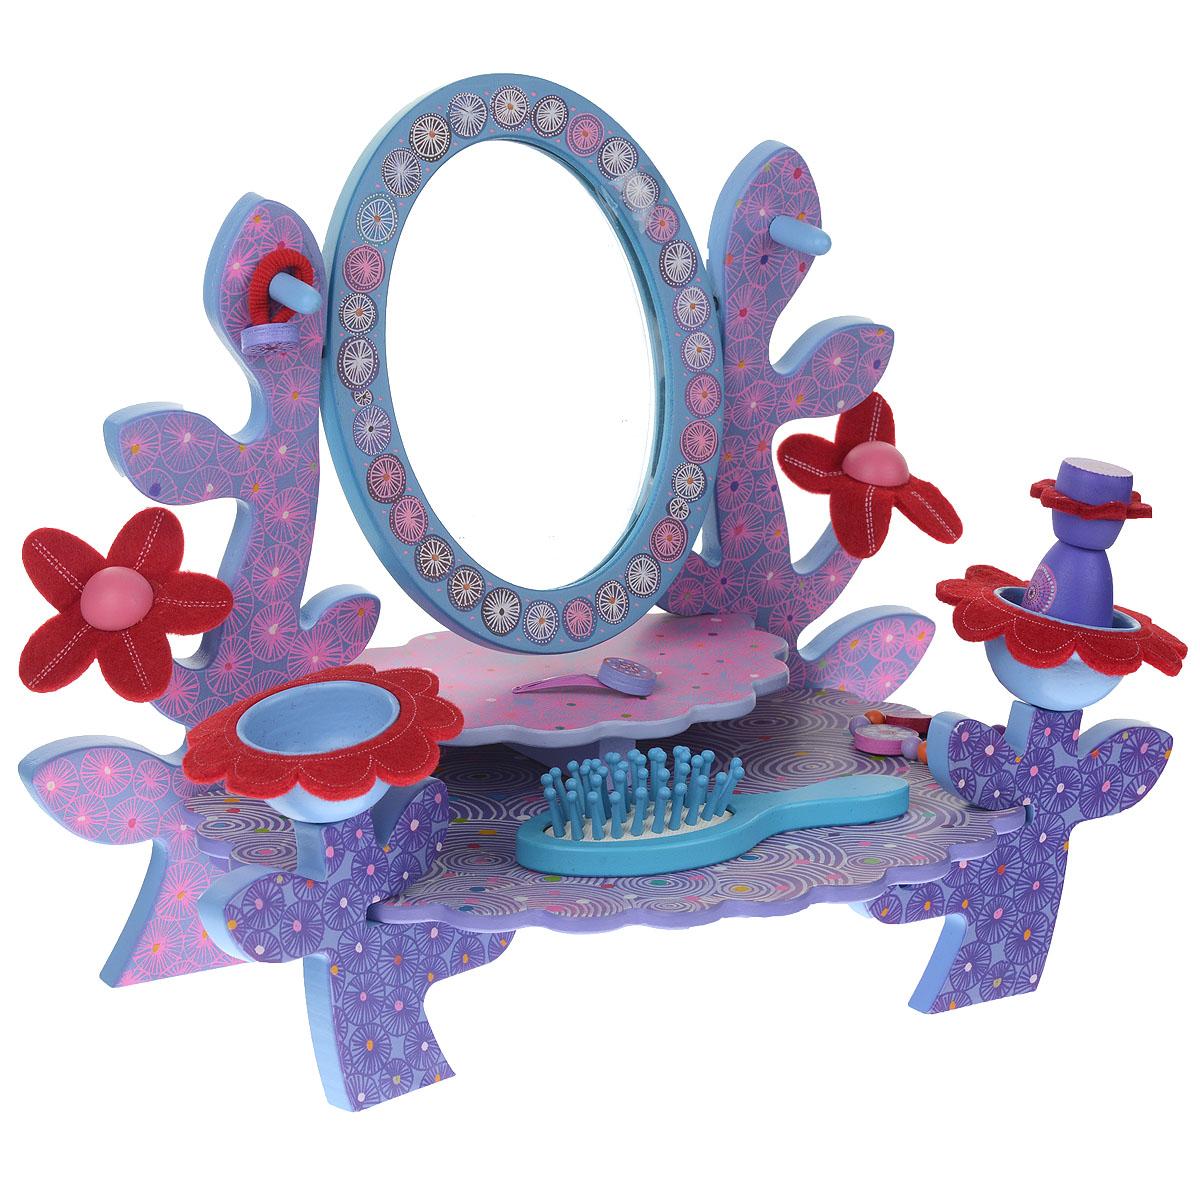 Djeco Игровой набор Туалетный столик, цвет: голубой, сиреневый, розовый06554Уже в детстве у юных принцесс наблюдается тяга к прекрасному. Они любят красивую одежду, им нравятся всевозможные заколочки, бантики. Игровой набор Djeco Туалетный столик доставит много удовольствия вашей малышке. Он включает туалетный двухъярусный деревянный столик с подвижным зеркалом, браслет, флакончик с крышечкой, расческу и текстильную резиночку и металлическую заколку-зажим для волос, оформленные декоративными элементами. По бокам столик оснащен вместительными углублениями для мелких украшений. Элементы набора выполнены из дерева, выкрашенного нетоксичными красками. Края изделий закруглены. В наборе также шурупы и схематичная инструкция по сборке столика. Этот набор также развивает мелкую моторику пальчиков рук, развивает воображение малышки. Ваша маленькая принцесса будет в восторге от такого подарка.